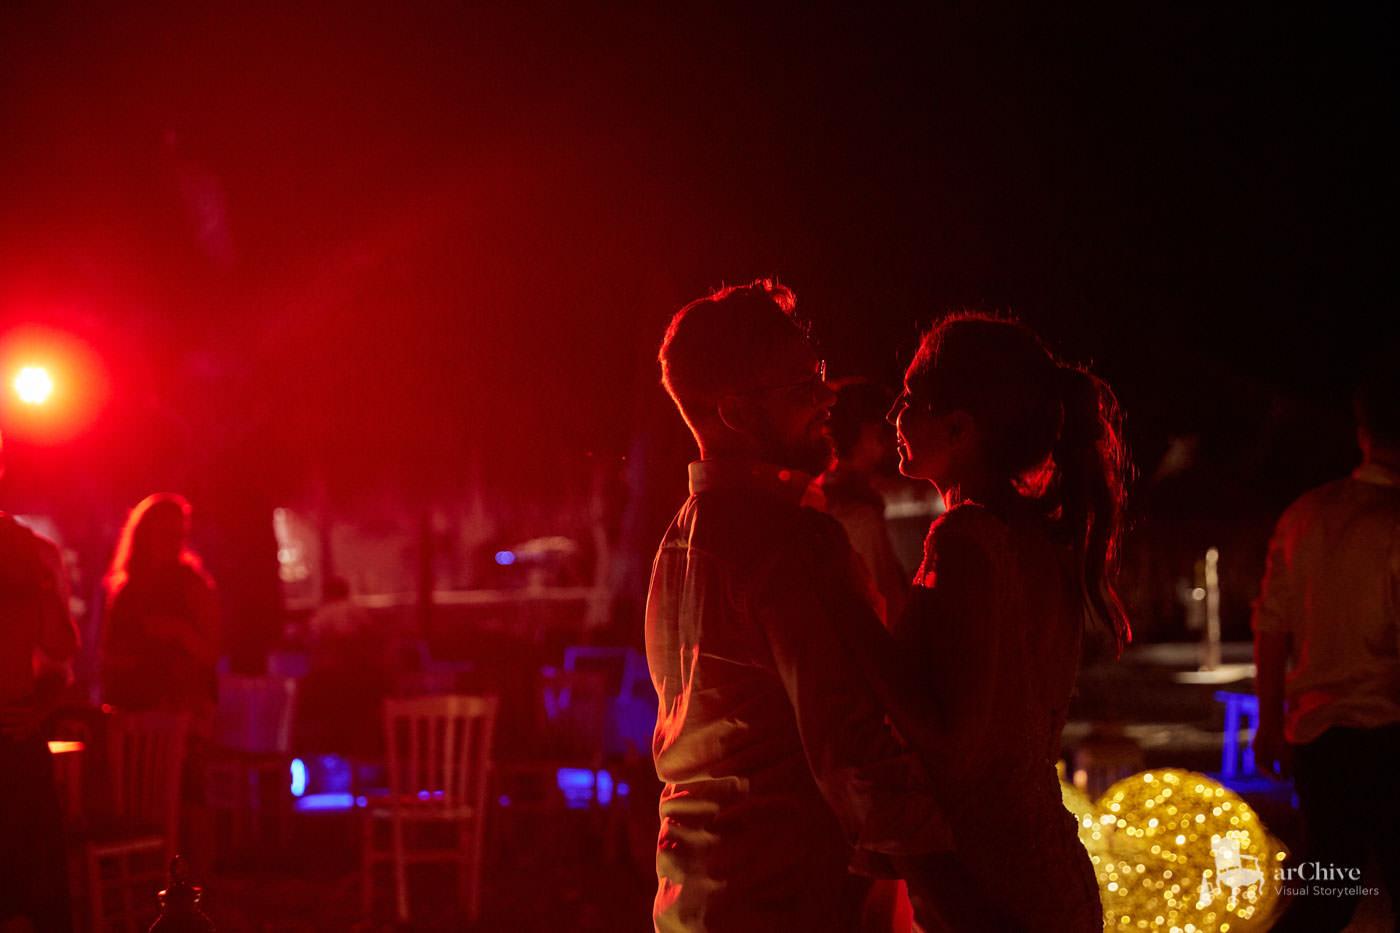 Paari esimene tants disko liikuvpea valgustite saatel